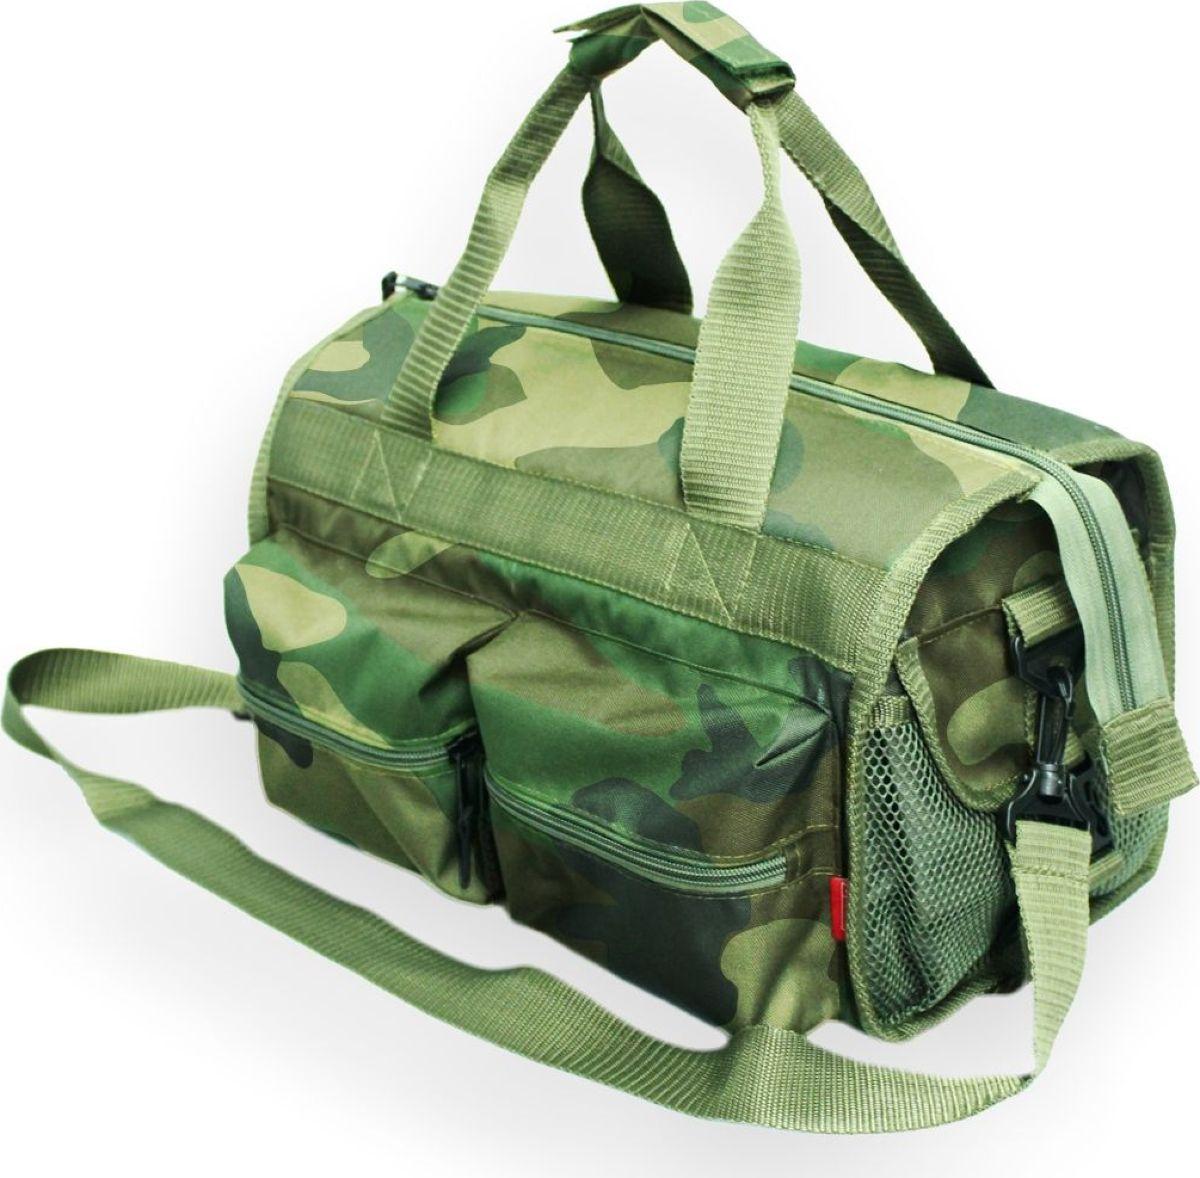 Сумка рыбака Tplus 600, цвет: нато, 36 x 20 x 20 см сумка рыбака tplus 600 цвет олива 36 x 20 x 20 см